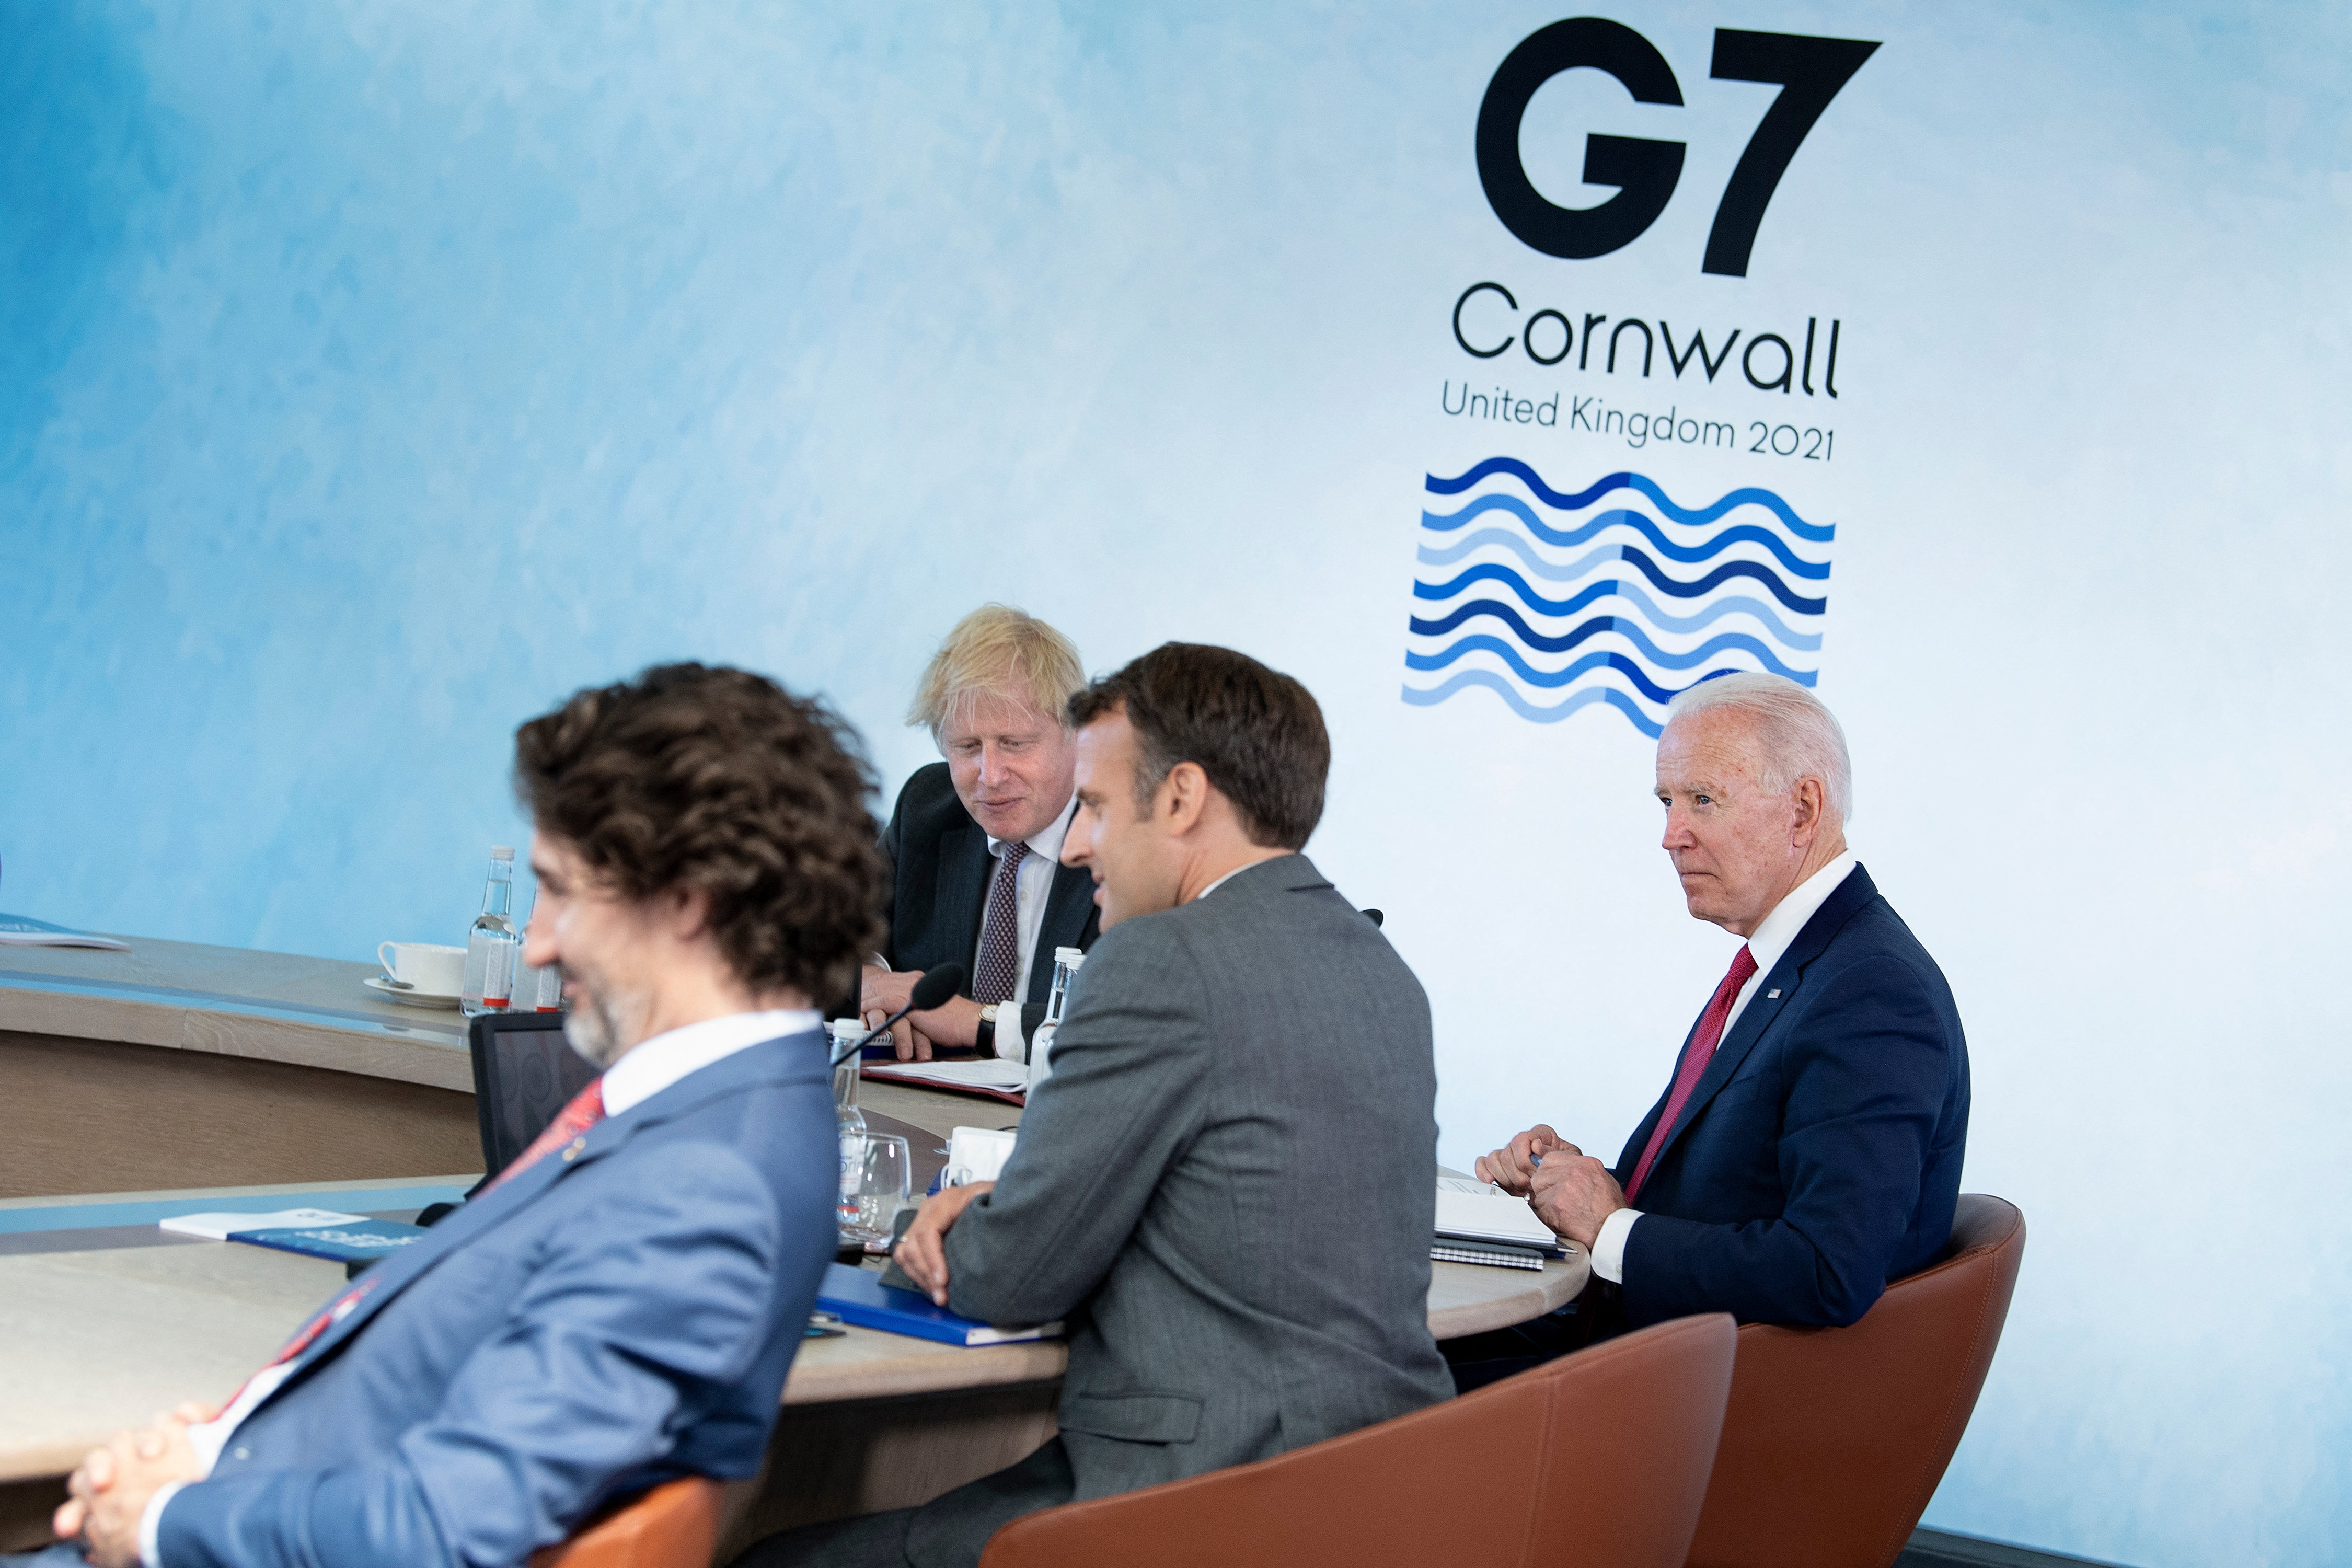 Kína figyelmeztette a G7-vezetőket: rég elmúlt az az idő, amikor országok egy kis csoportja dönthetett a világ sorsáról